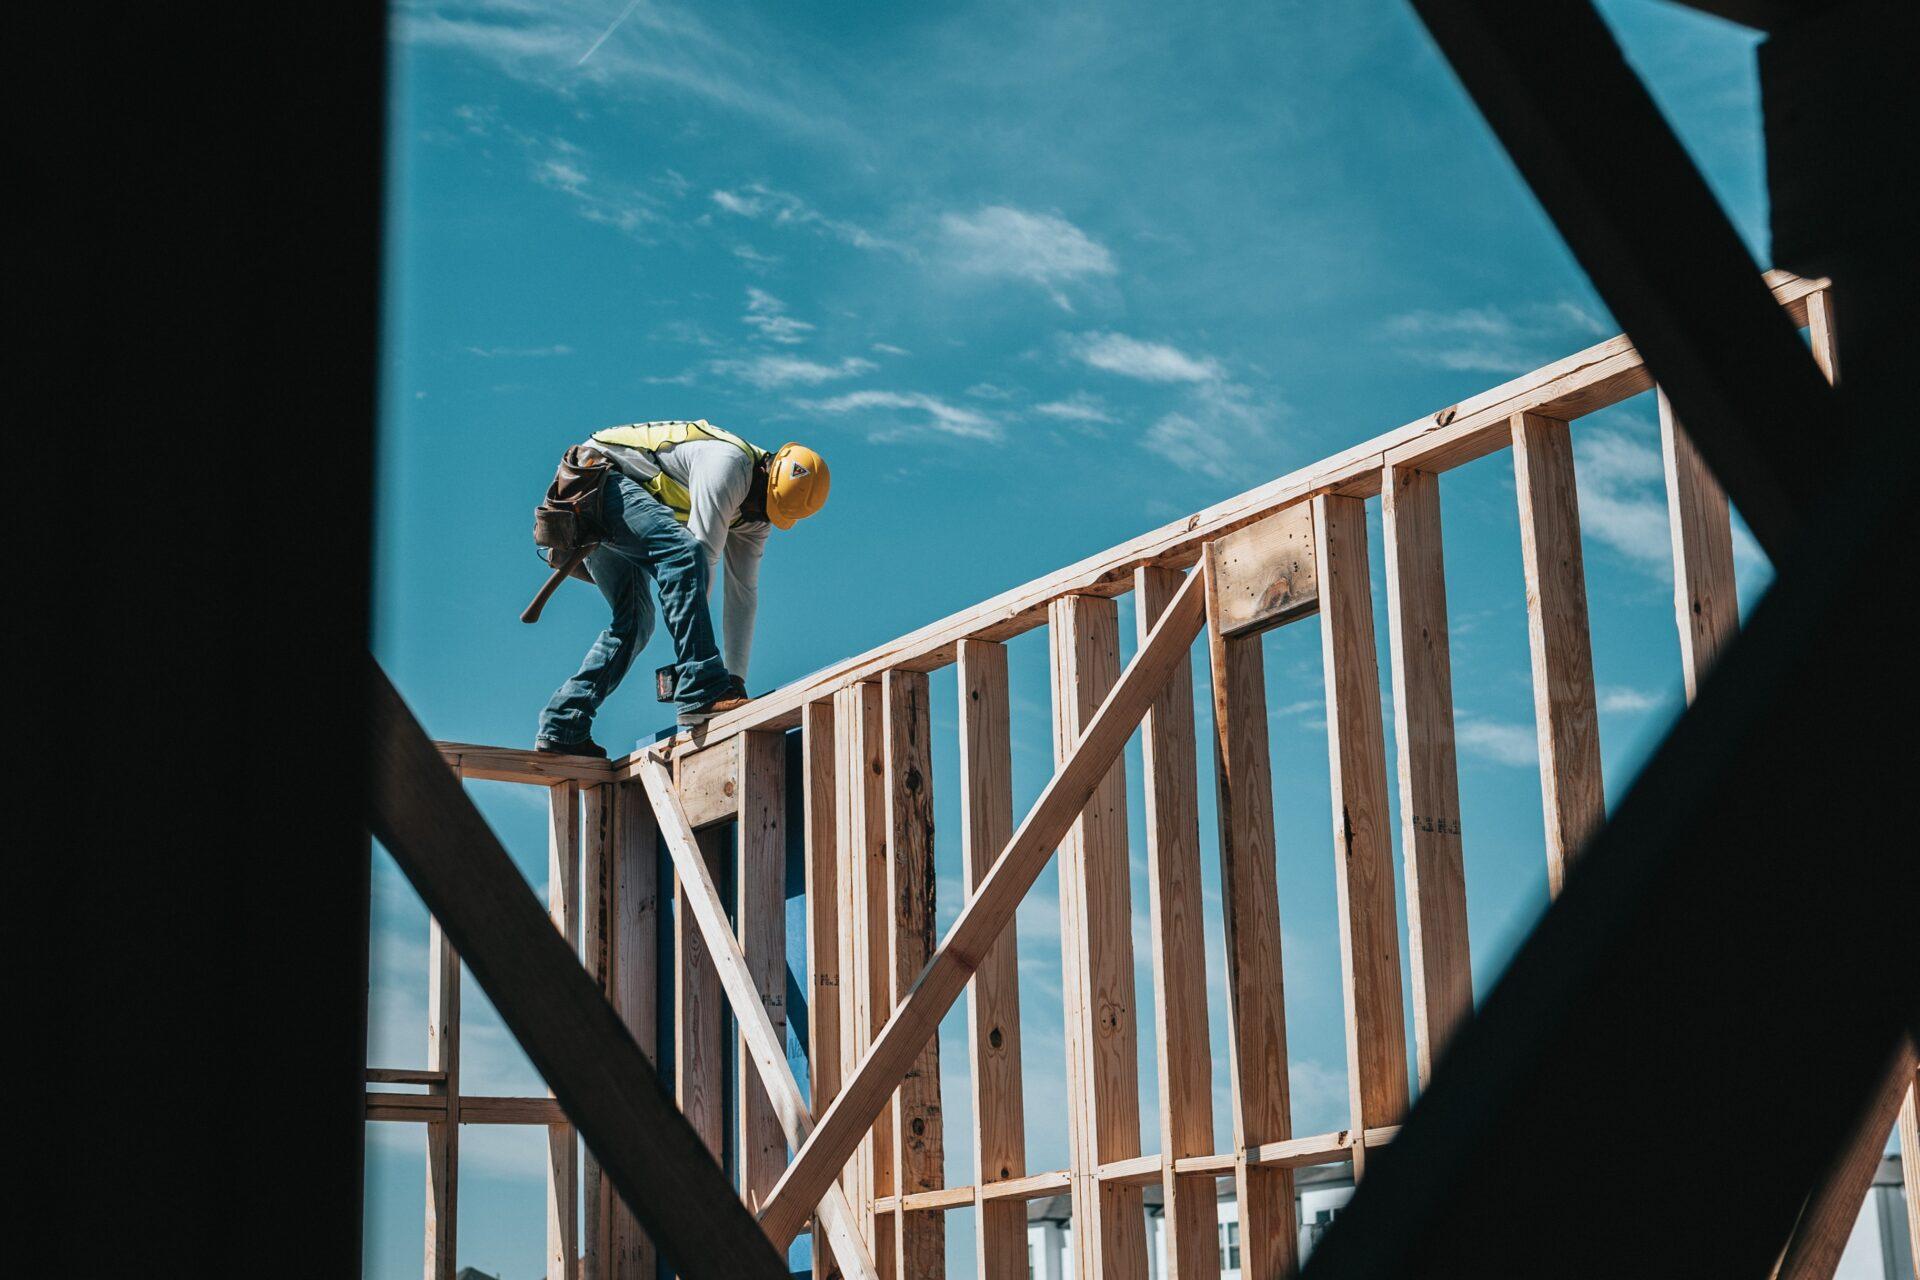 現場監督以外で未経験から転職できる建設系の仕事6選